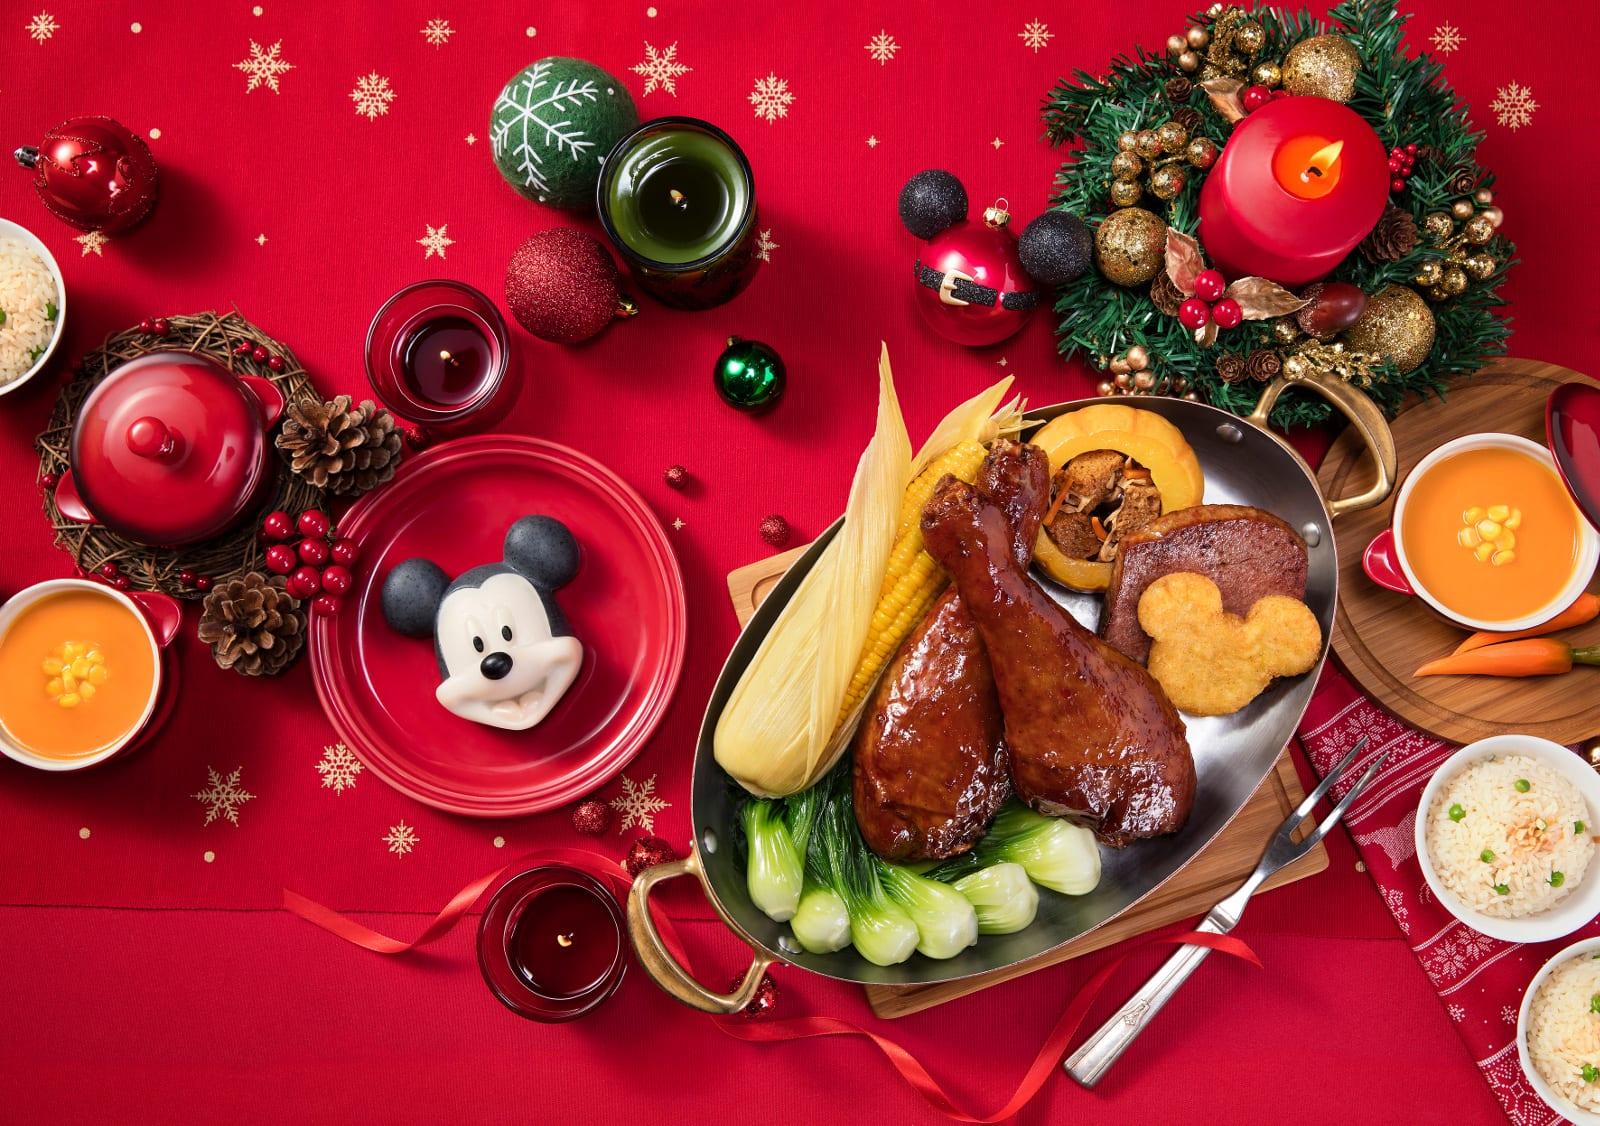 Shanghai Disney Christmas Celebration Starts Nov 27